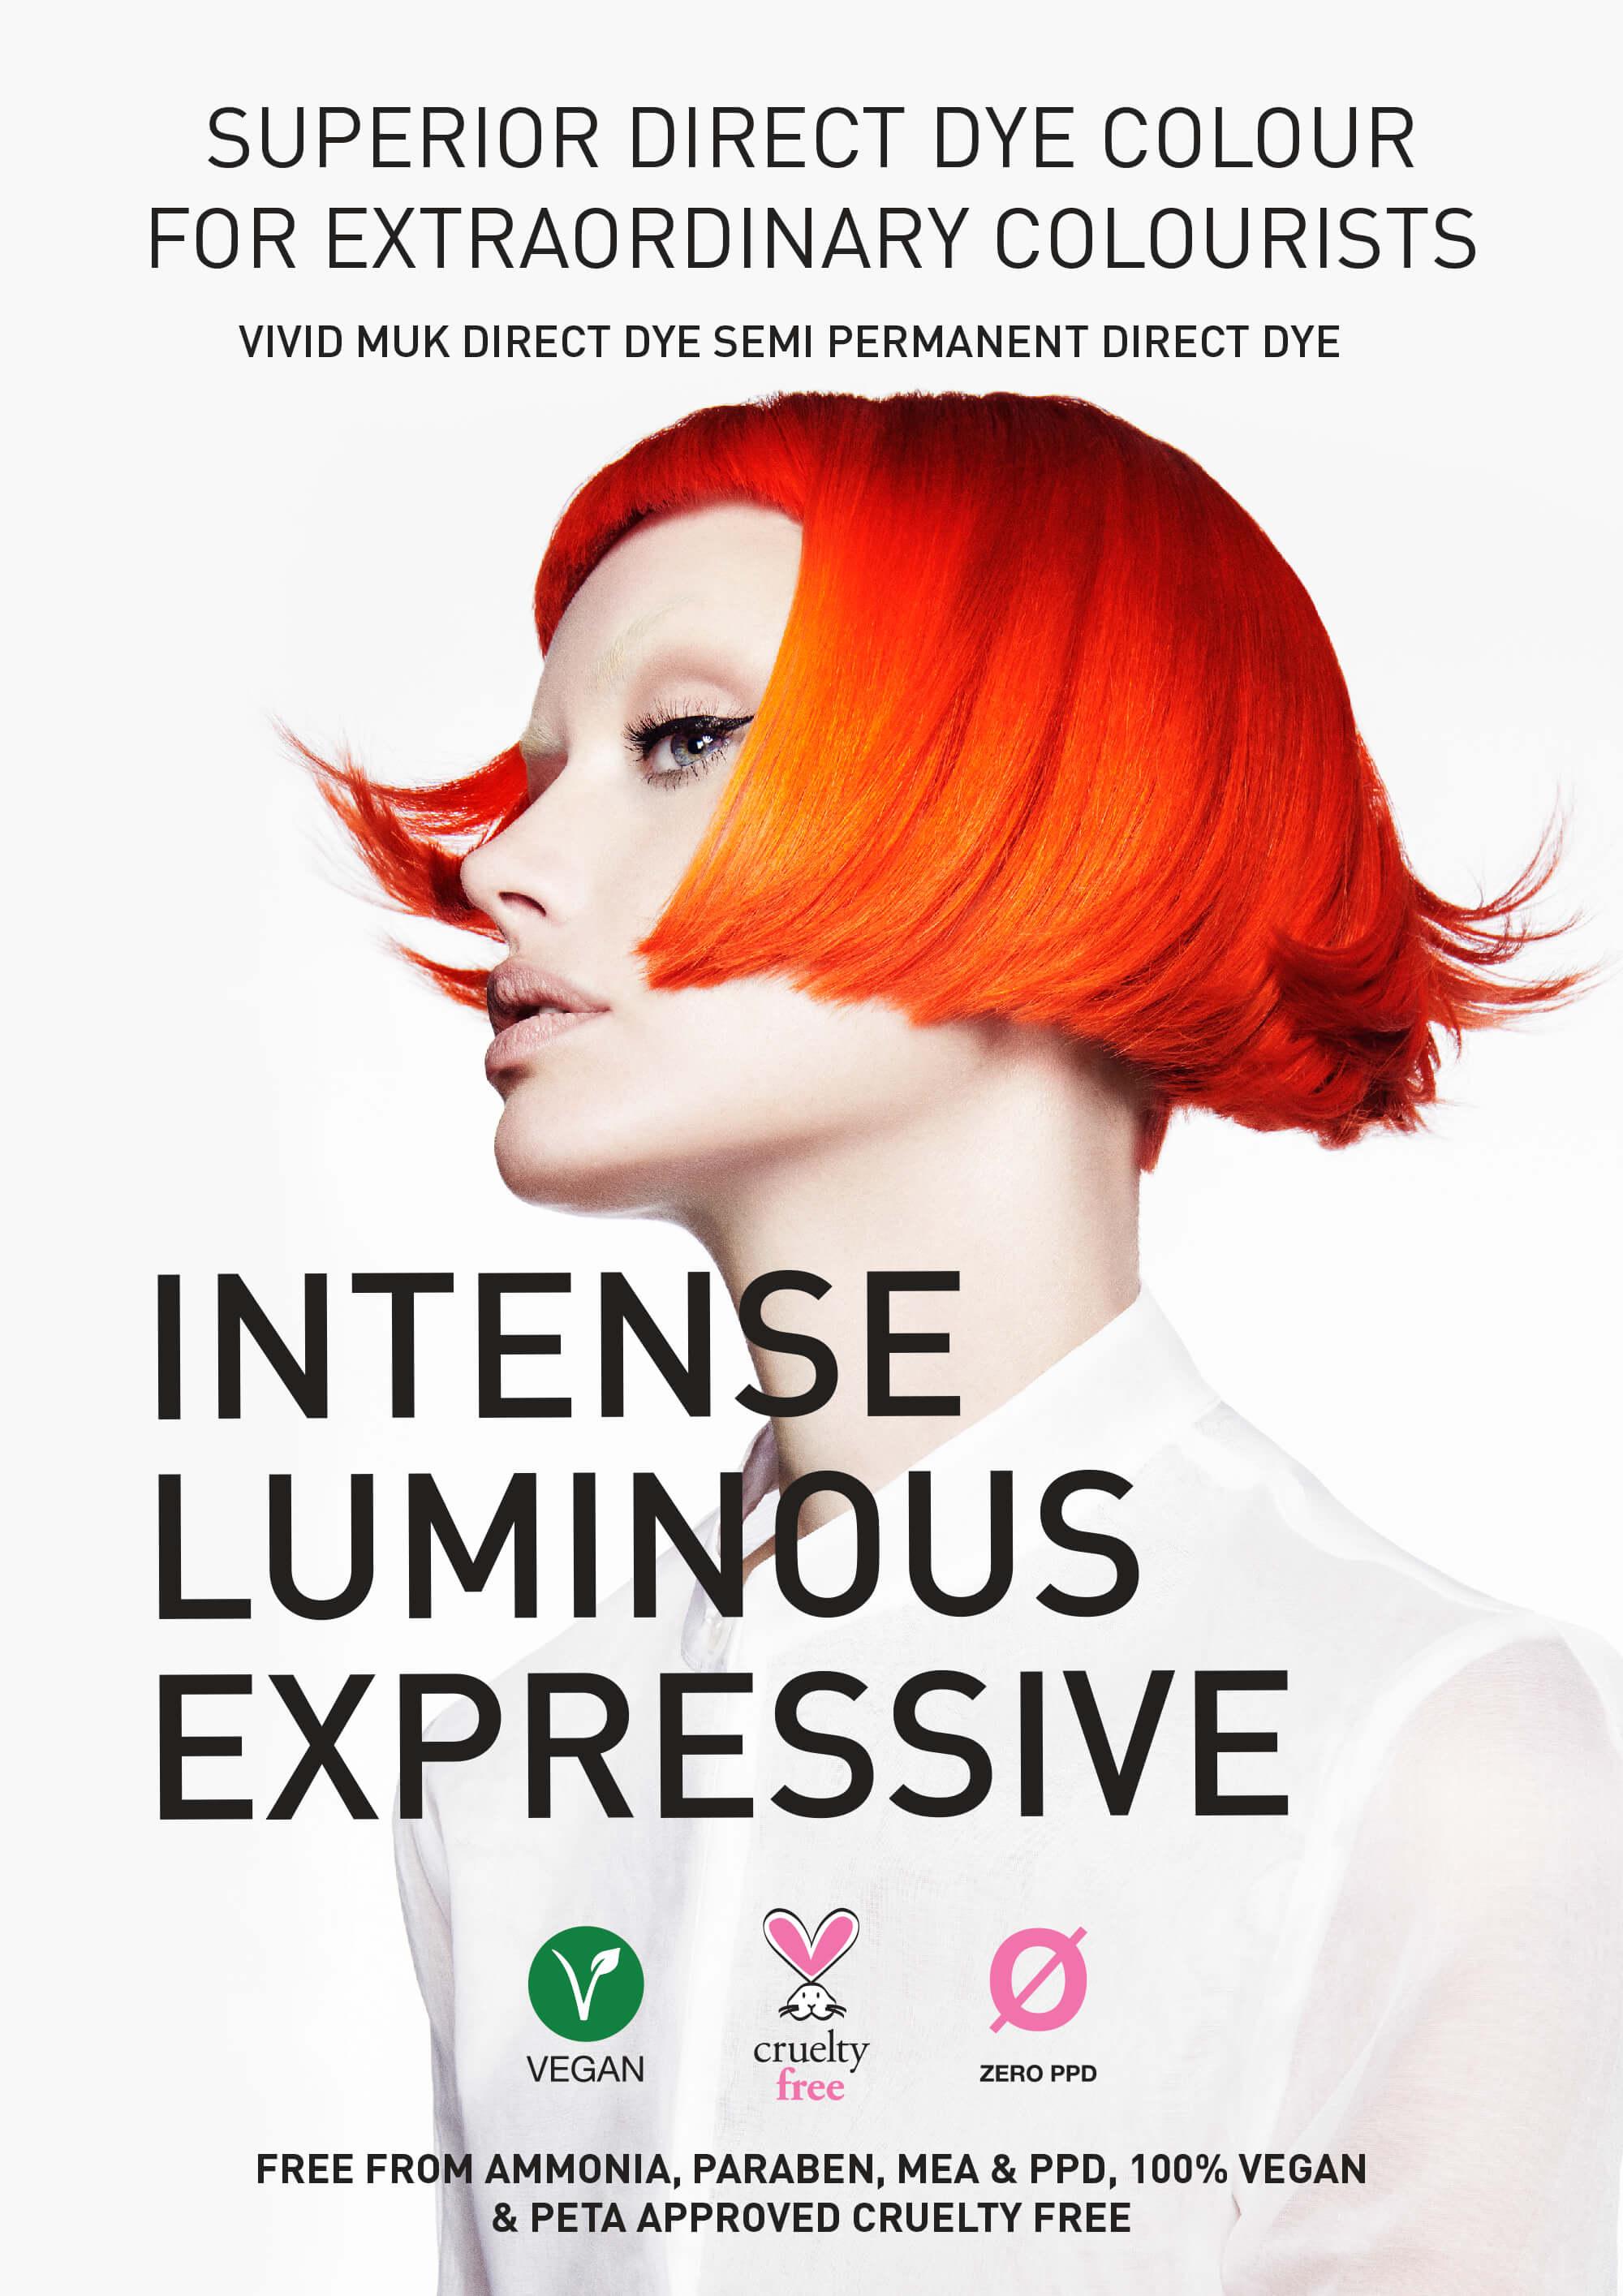 Vivid muk Direct Dye Colour - muk haircare